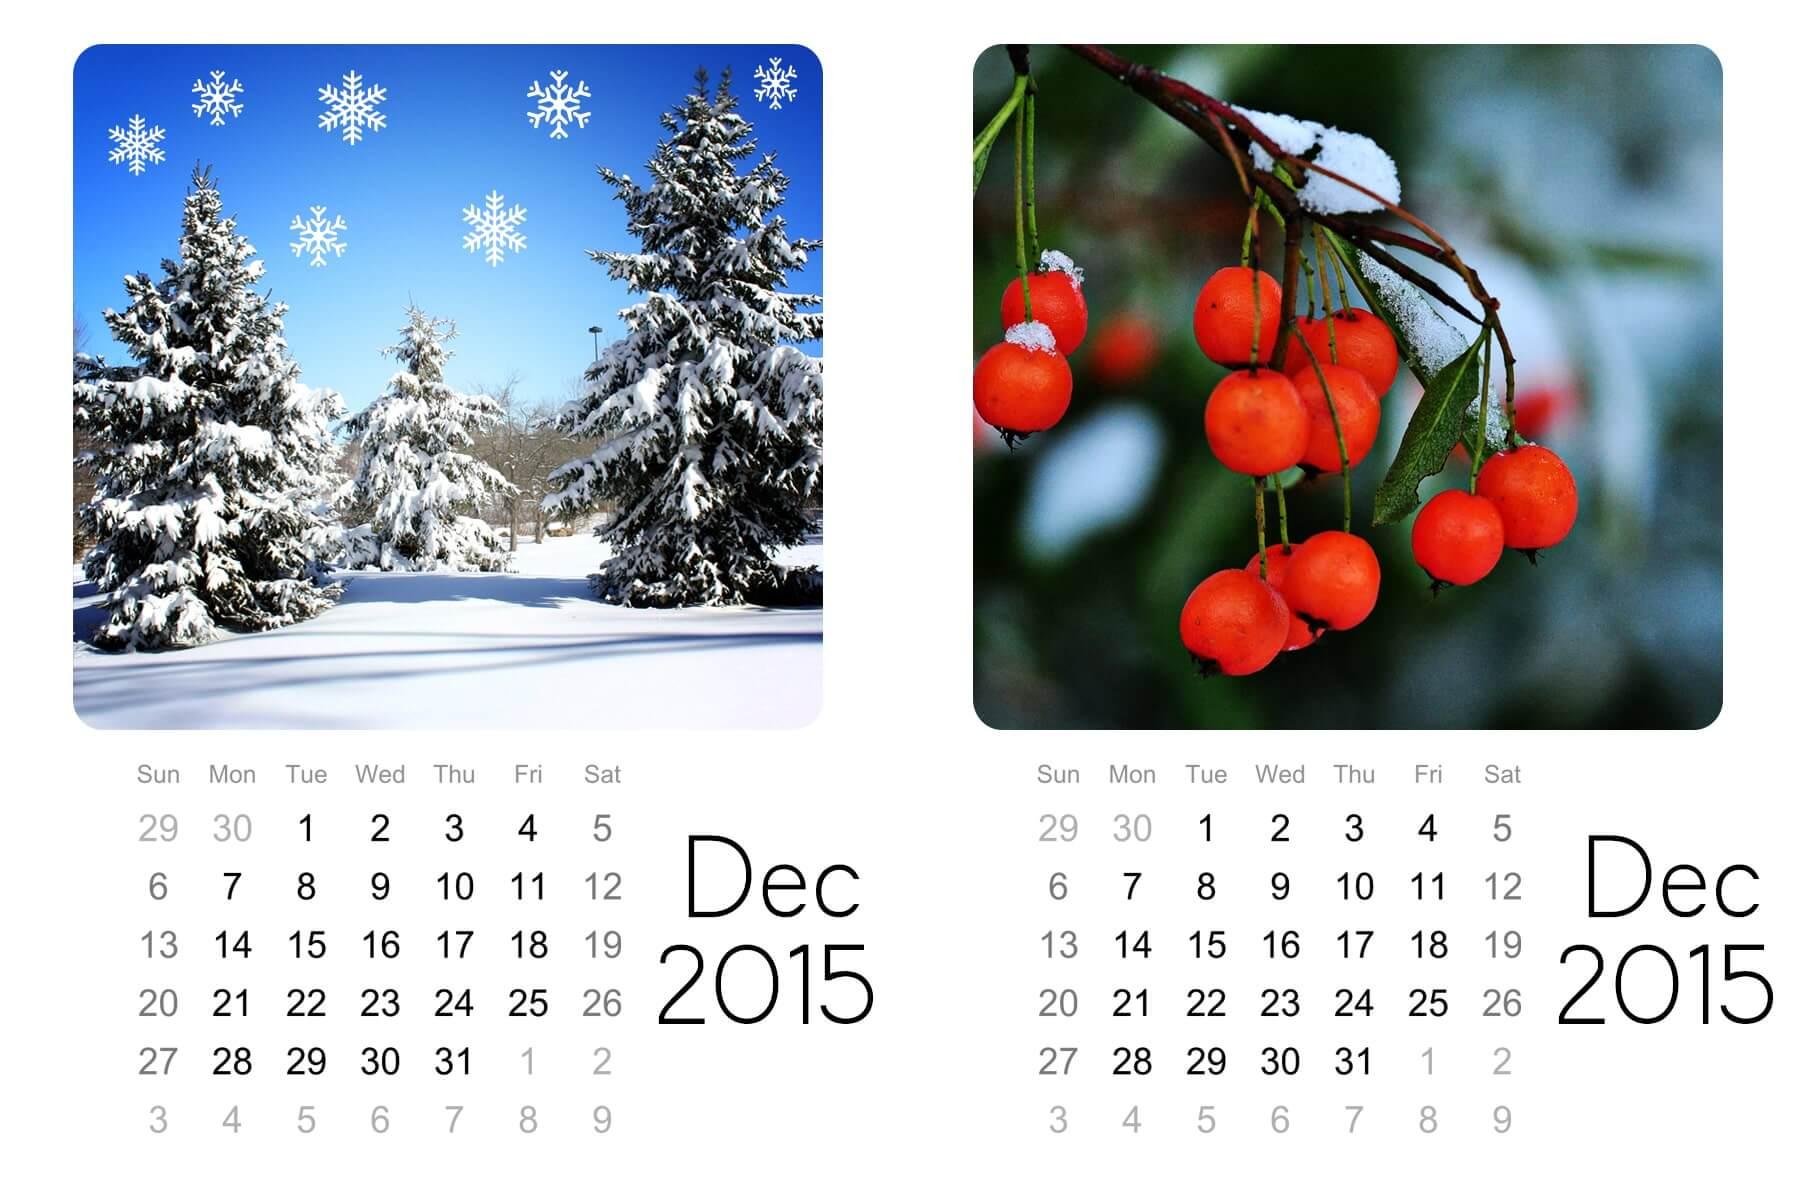 Dec mini calendar